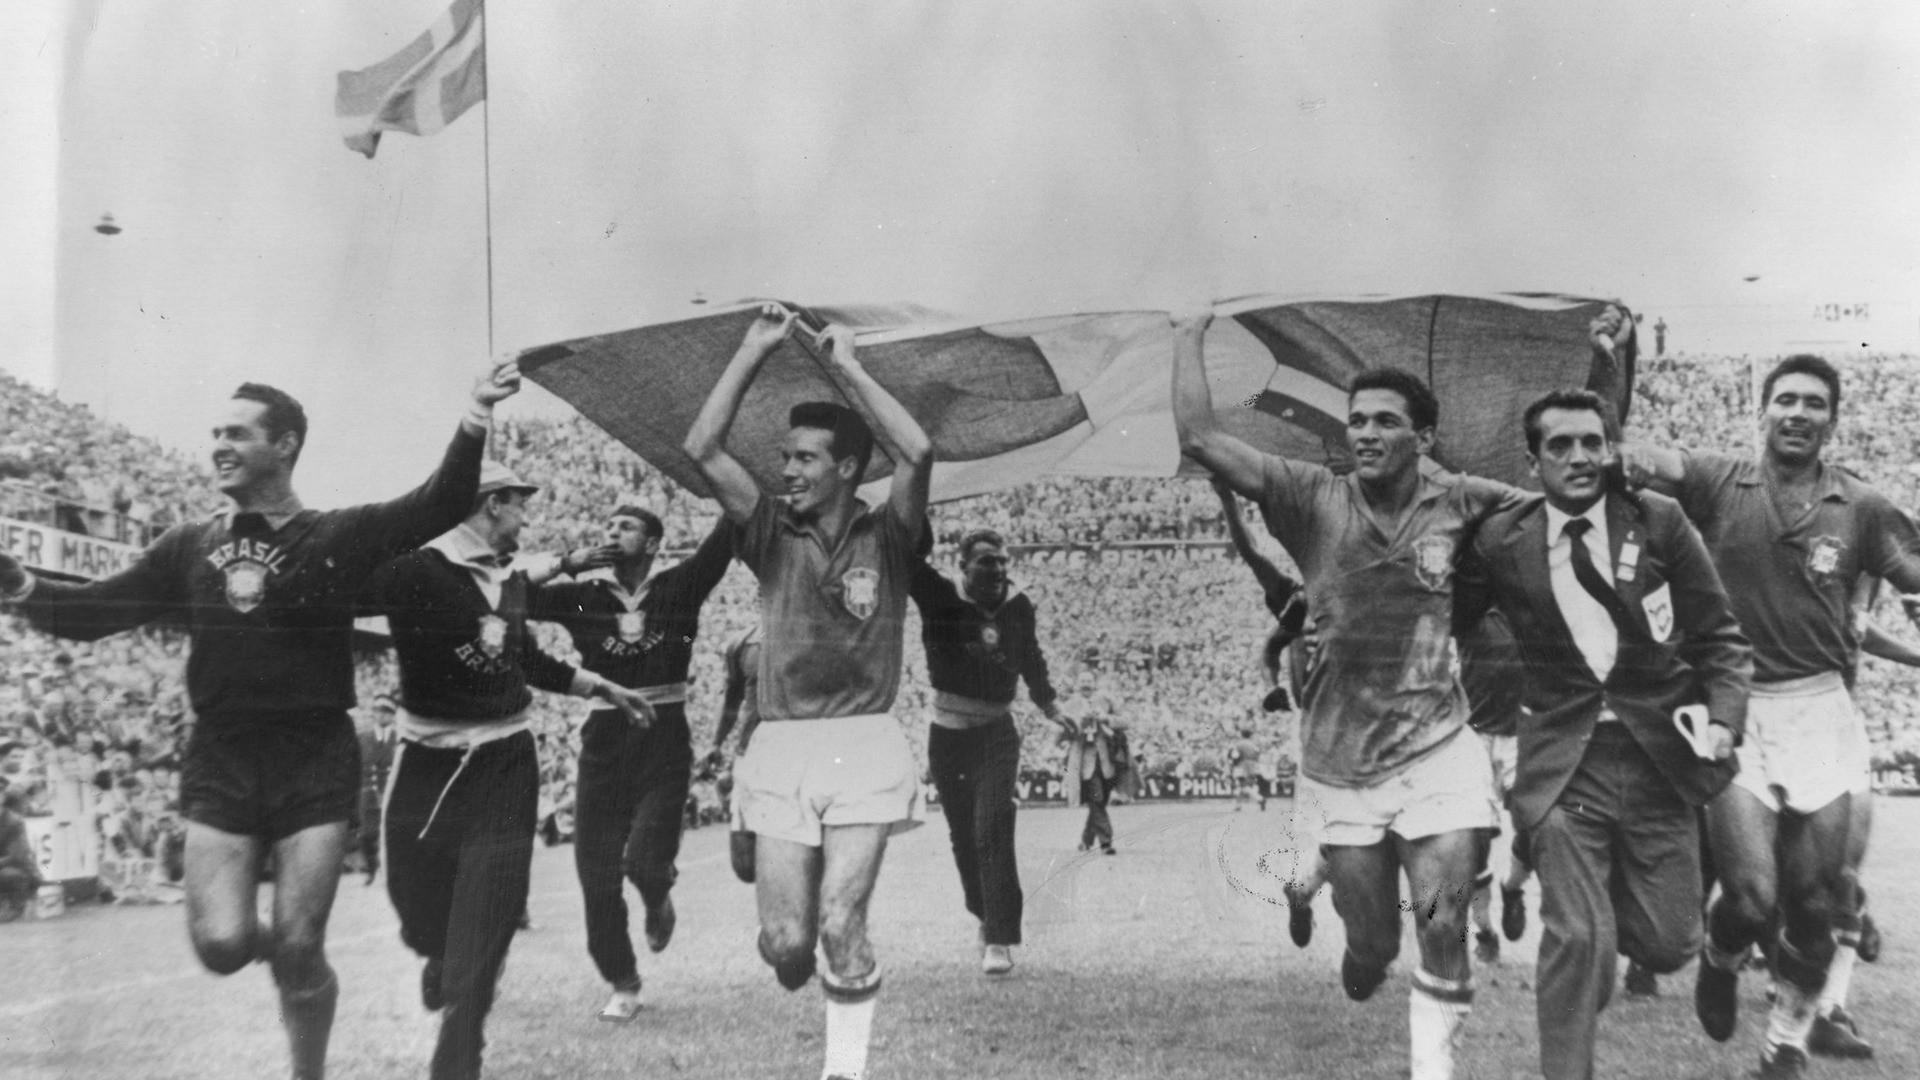 Lịch sử World Cup 1958: Vua bóng đá Pele bước ra ánh sáng - Ảnh 4.